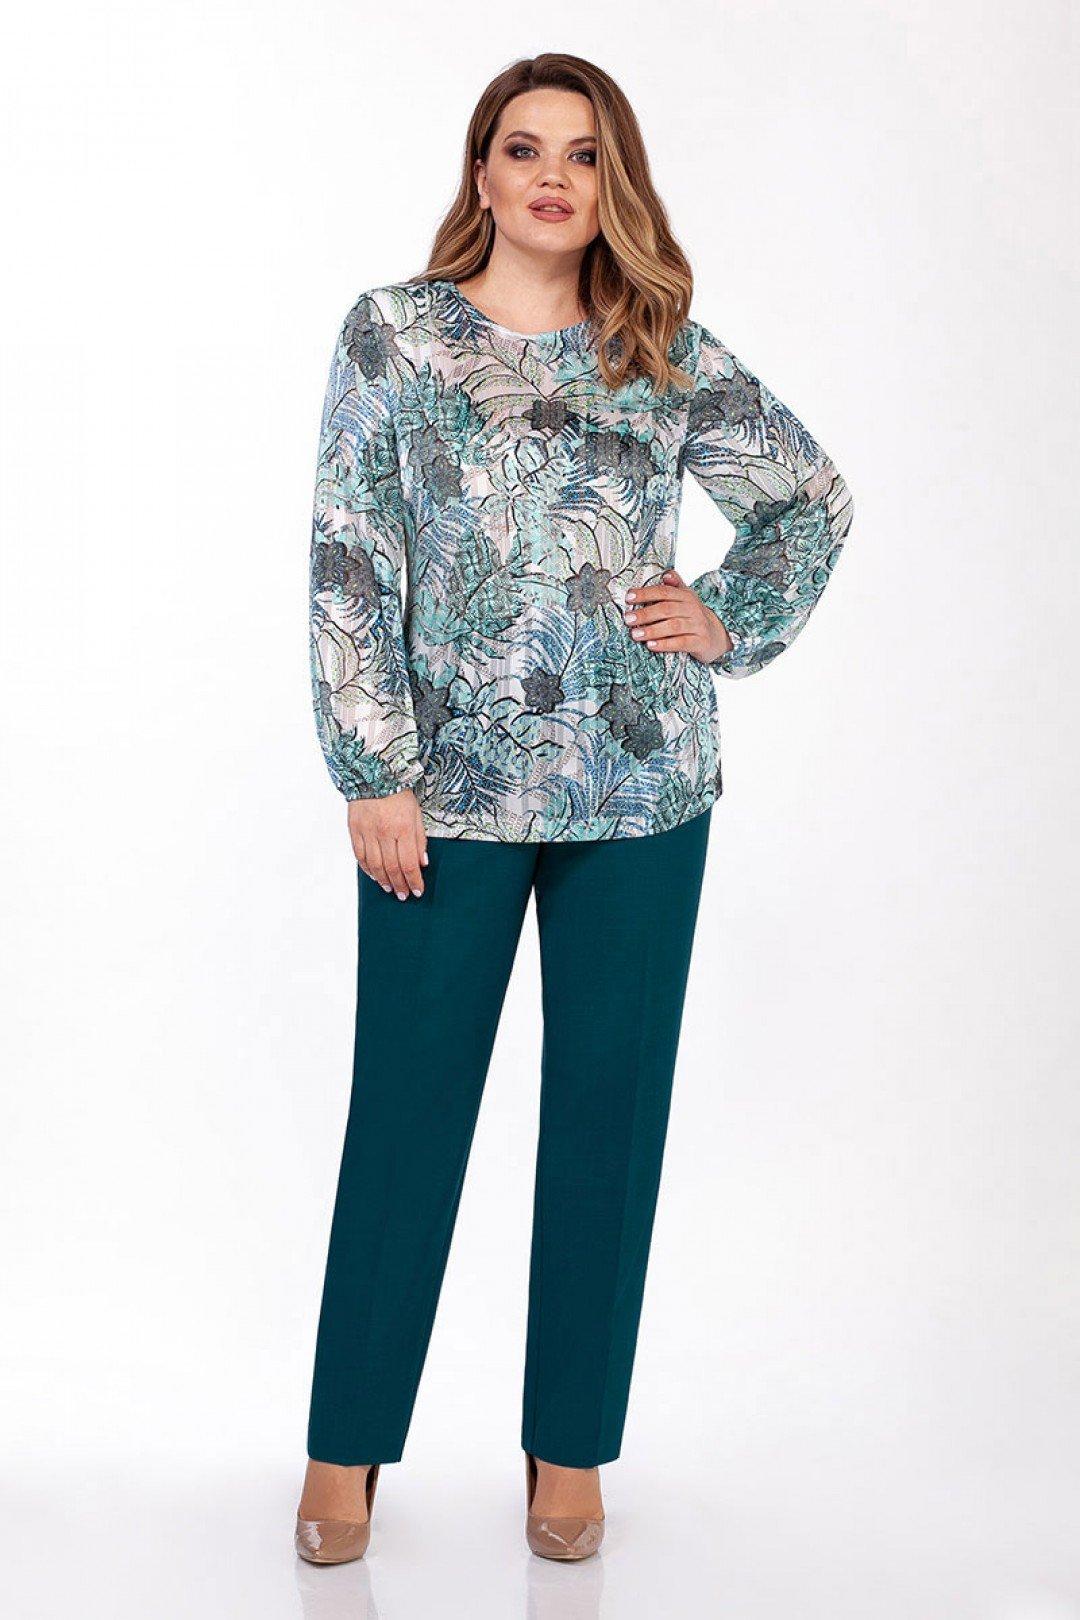 Прямая женская блузка с растительным принтом